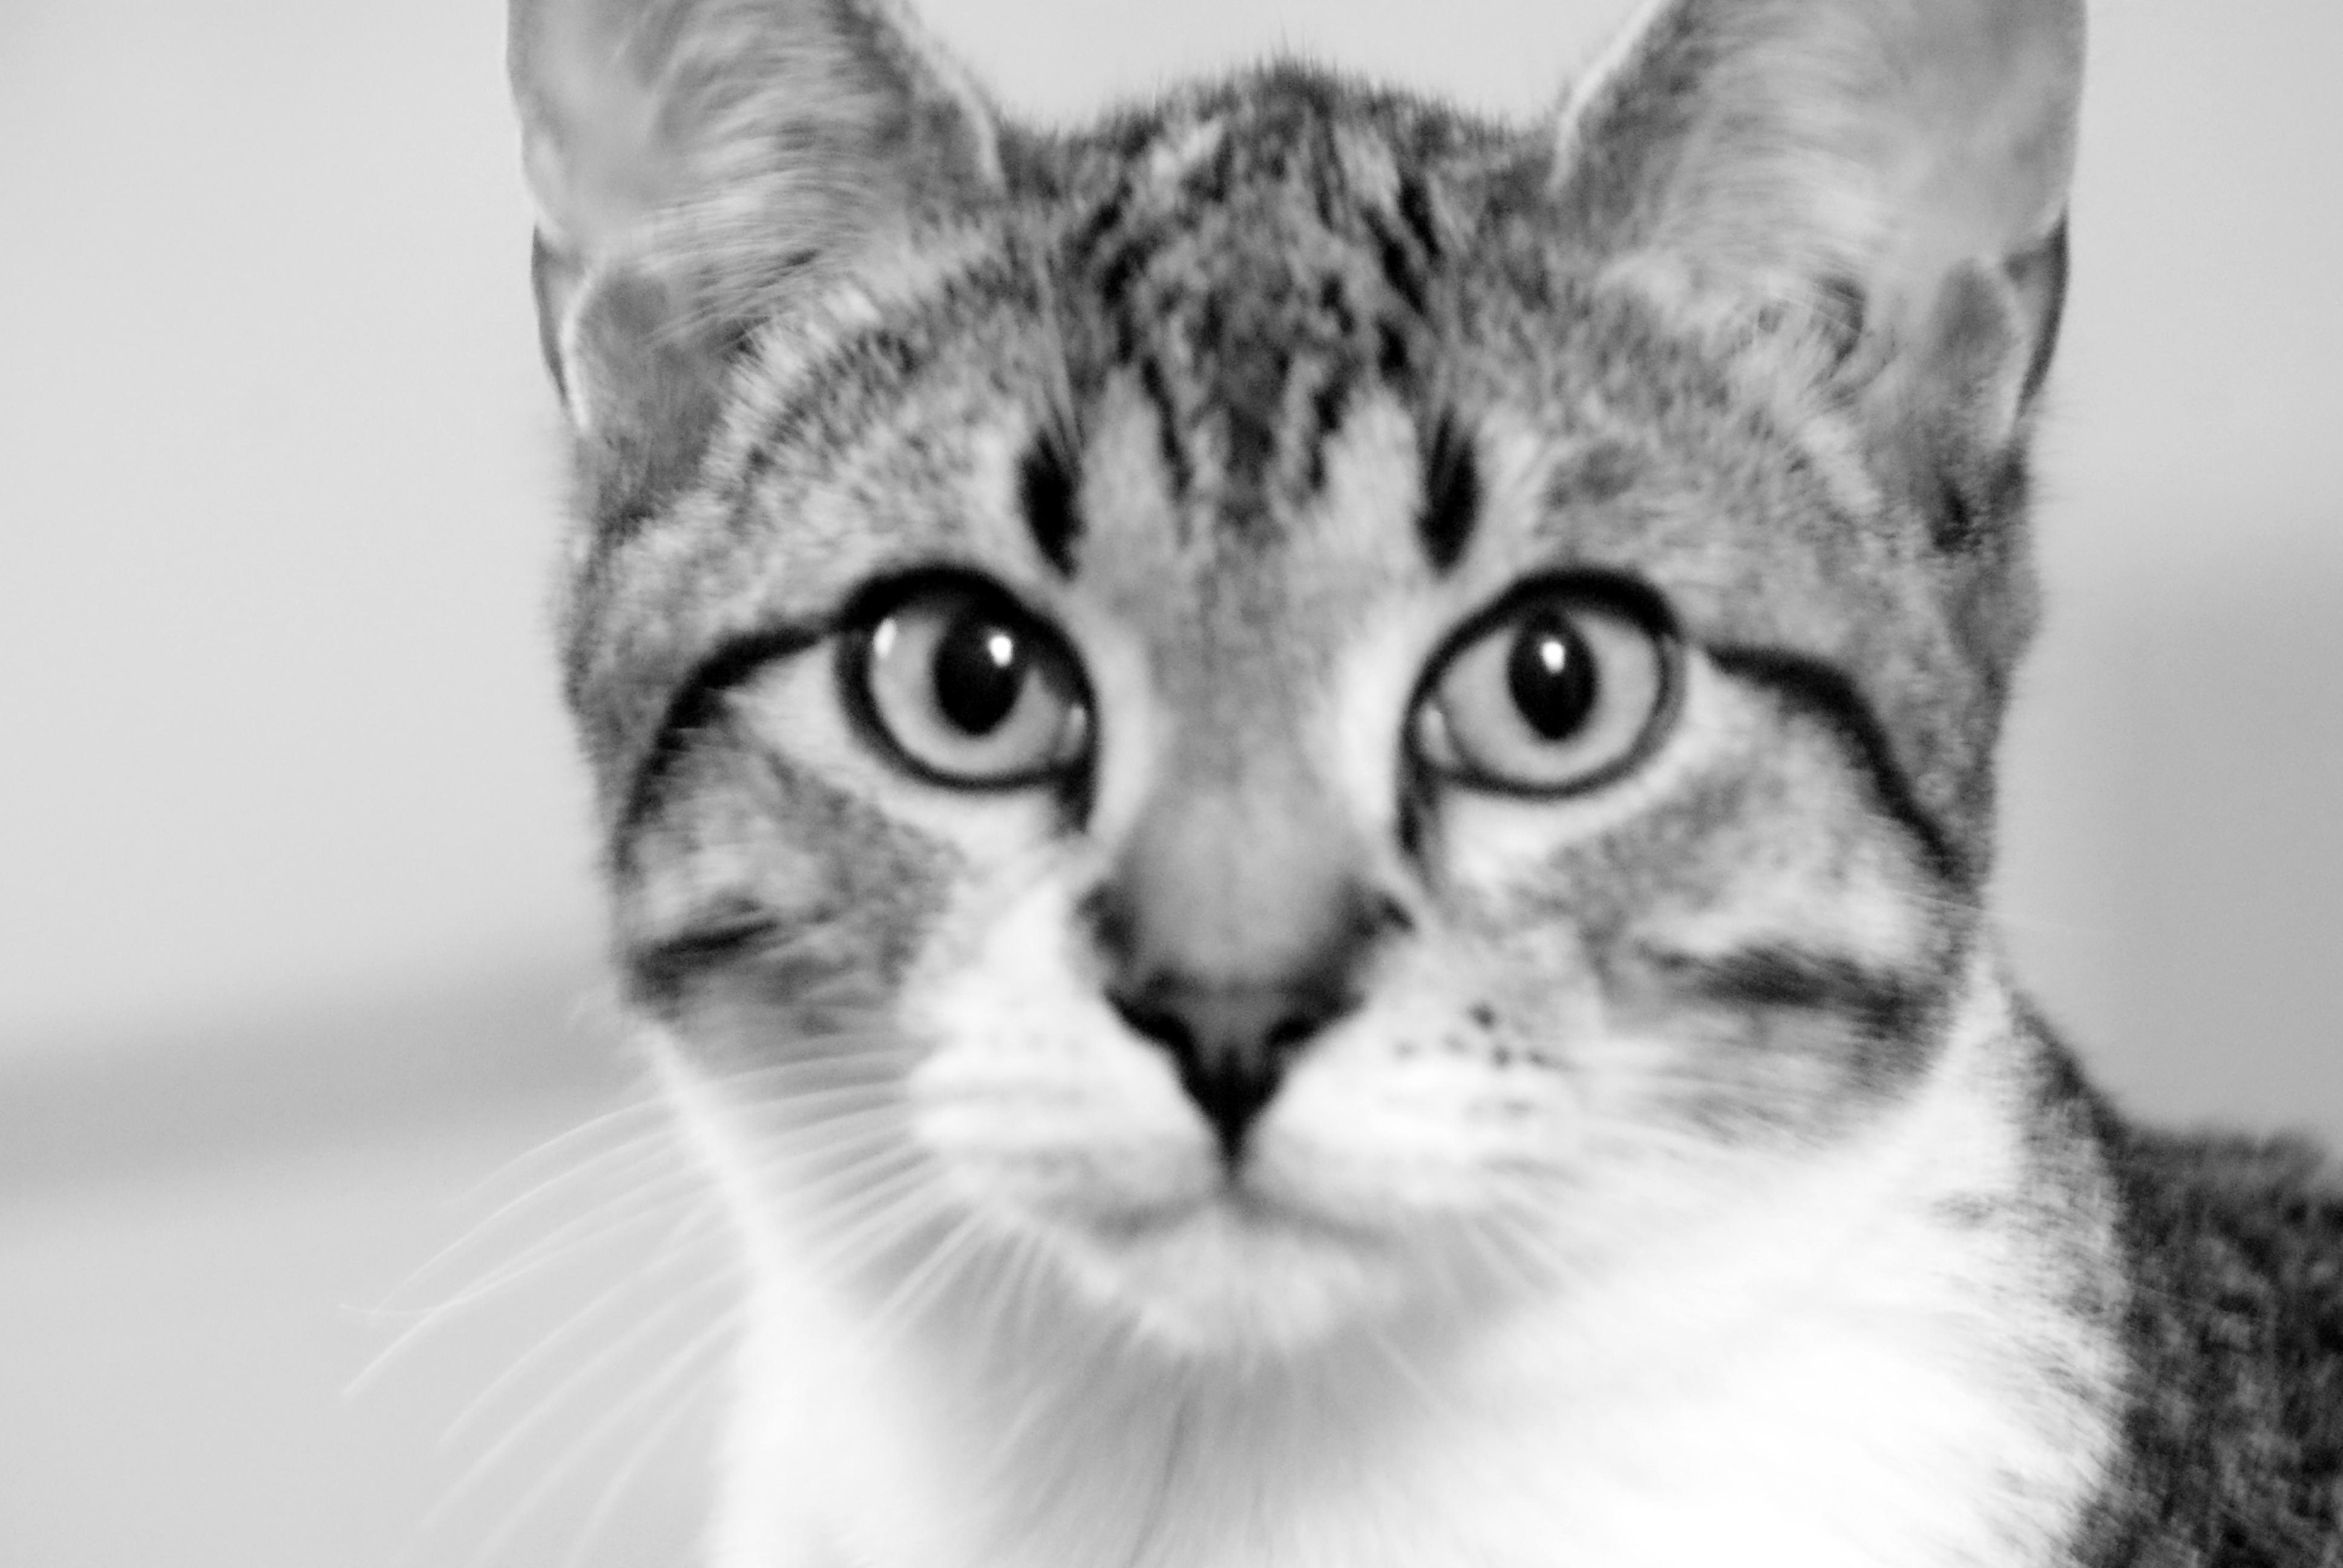 Cat staring photo